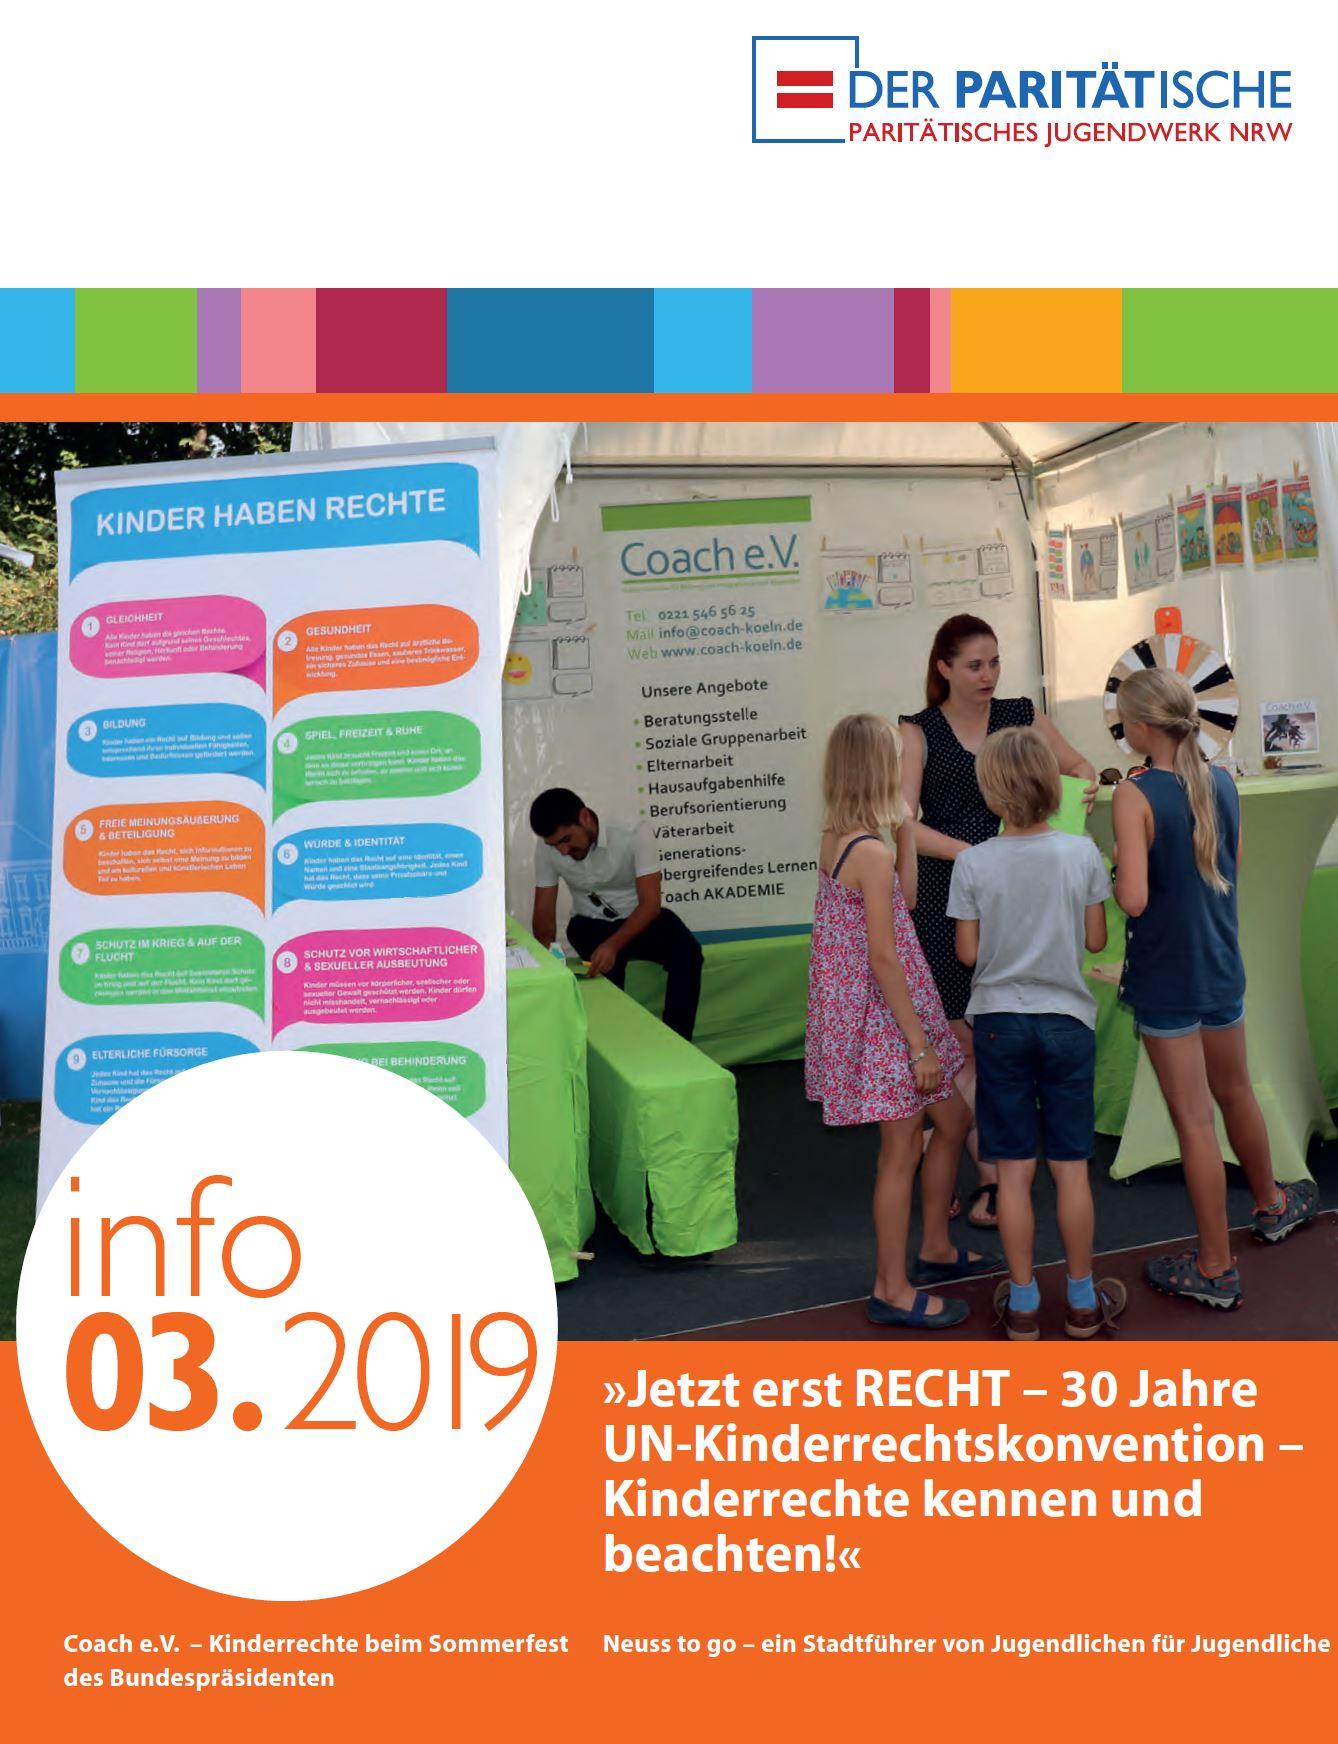 Interkulturelle Projekthelden Paritätisches Jugendwerk NRW